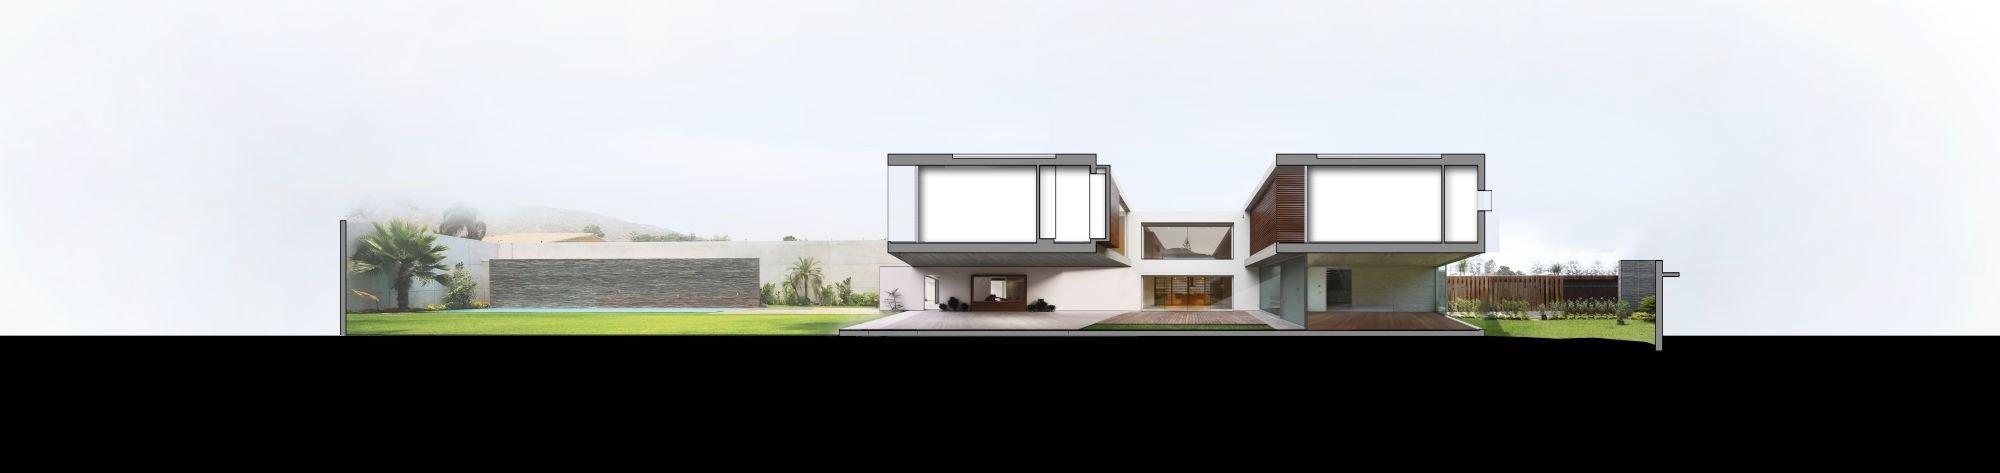 La-Planicie-House-II-27